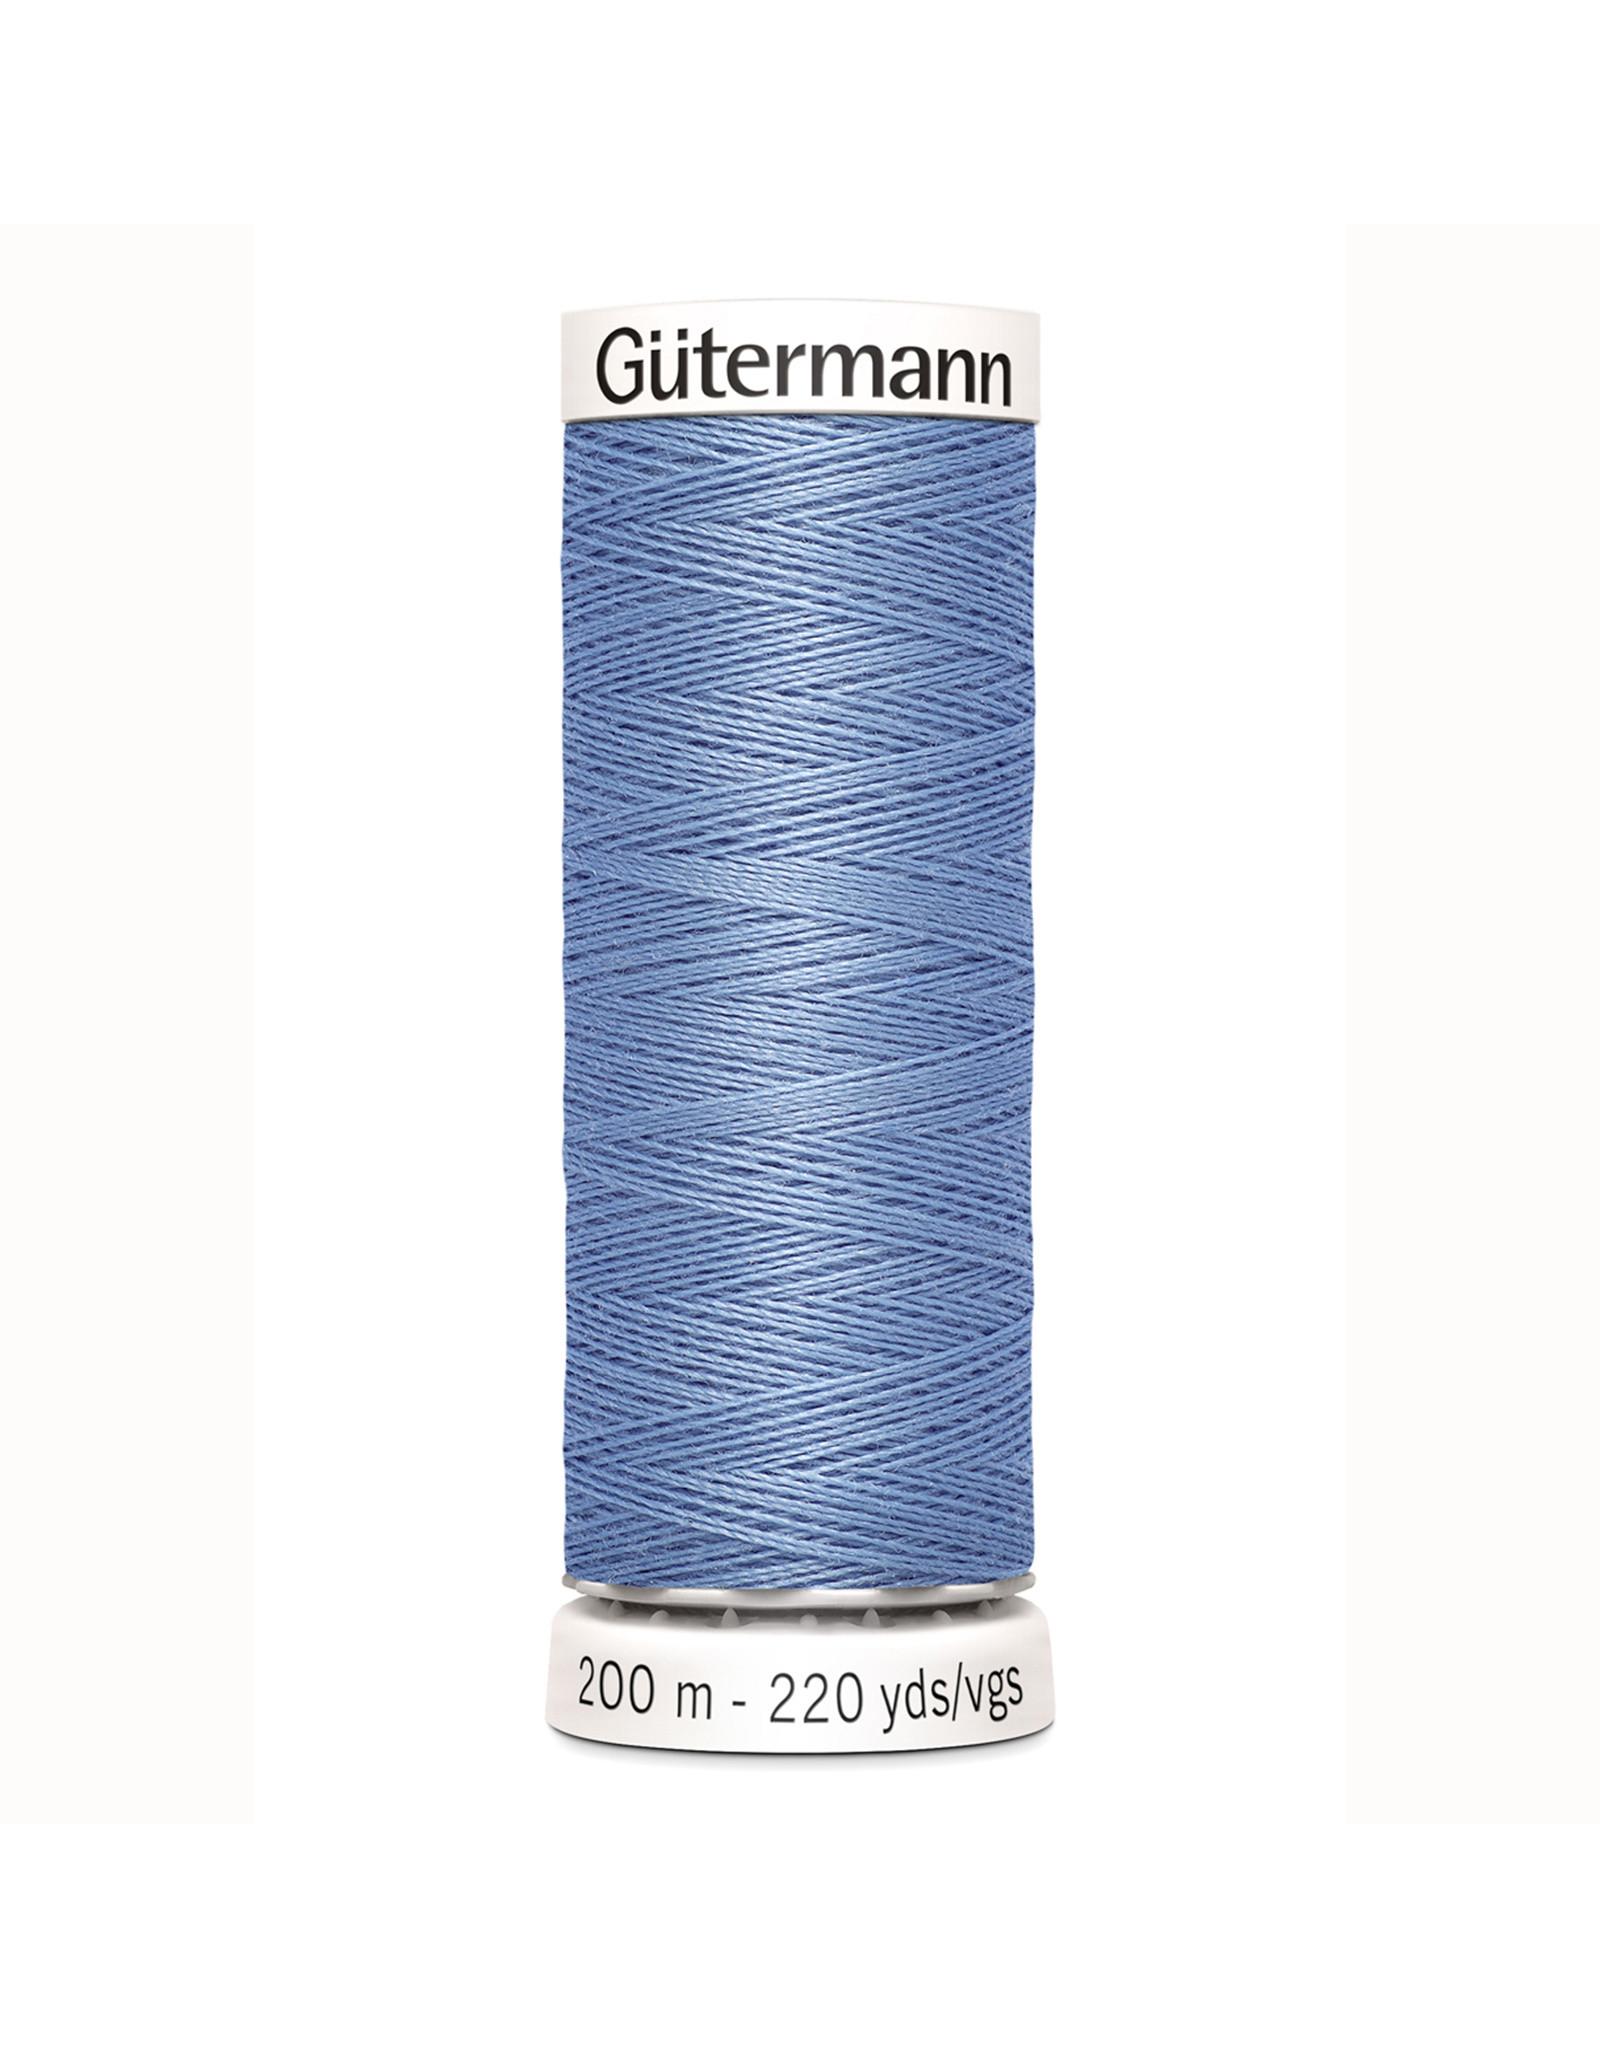 Gütermann Gütermann Sewing Thread 200 m - nr 74